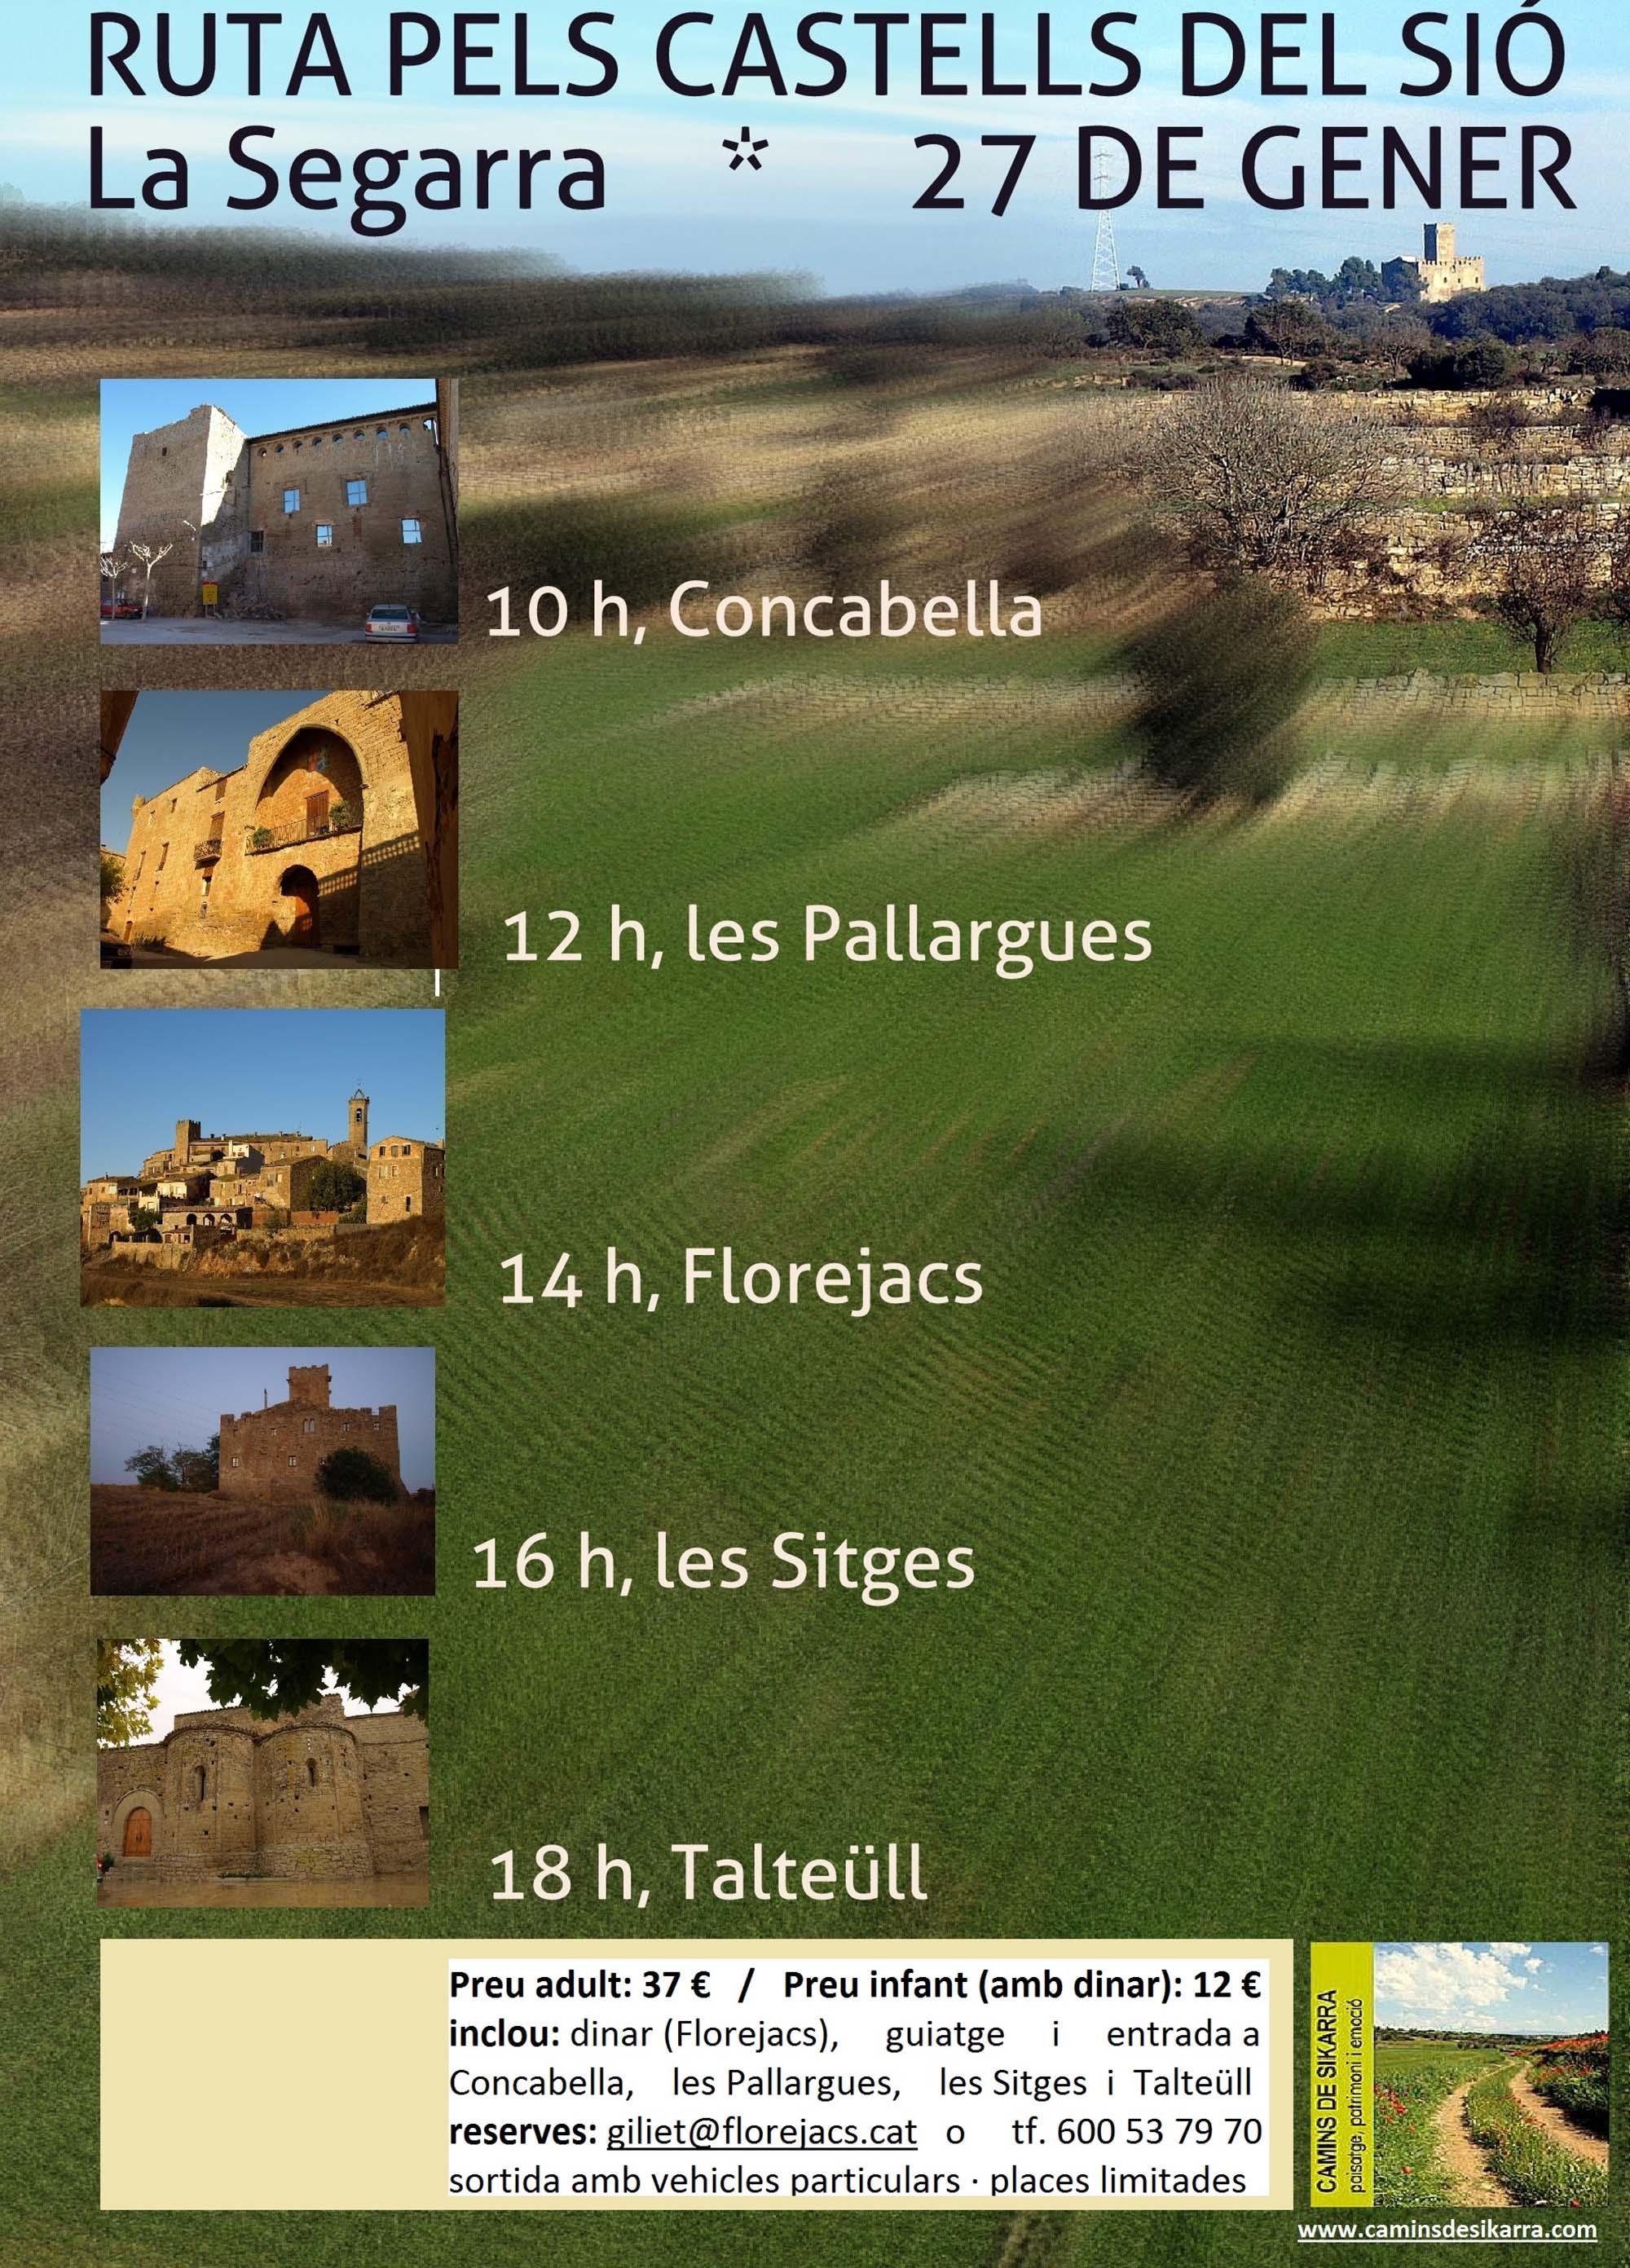 cartell Ruta guiada pels Castells del SIó